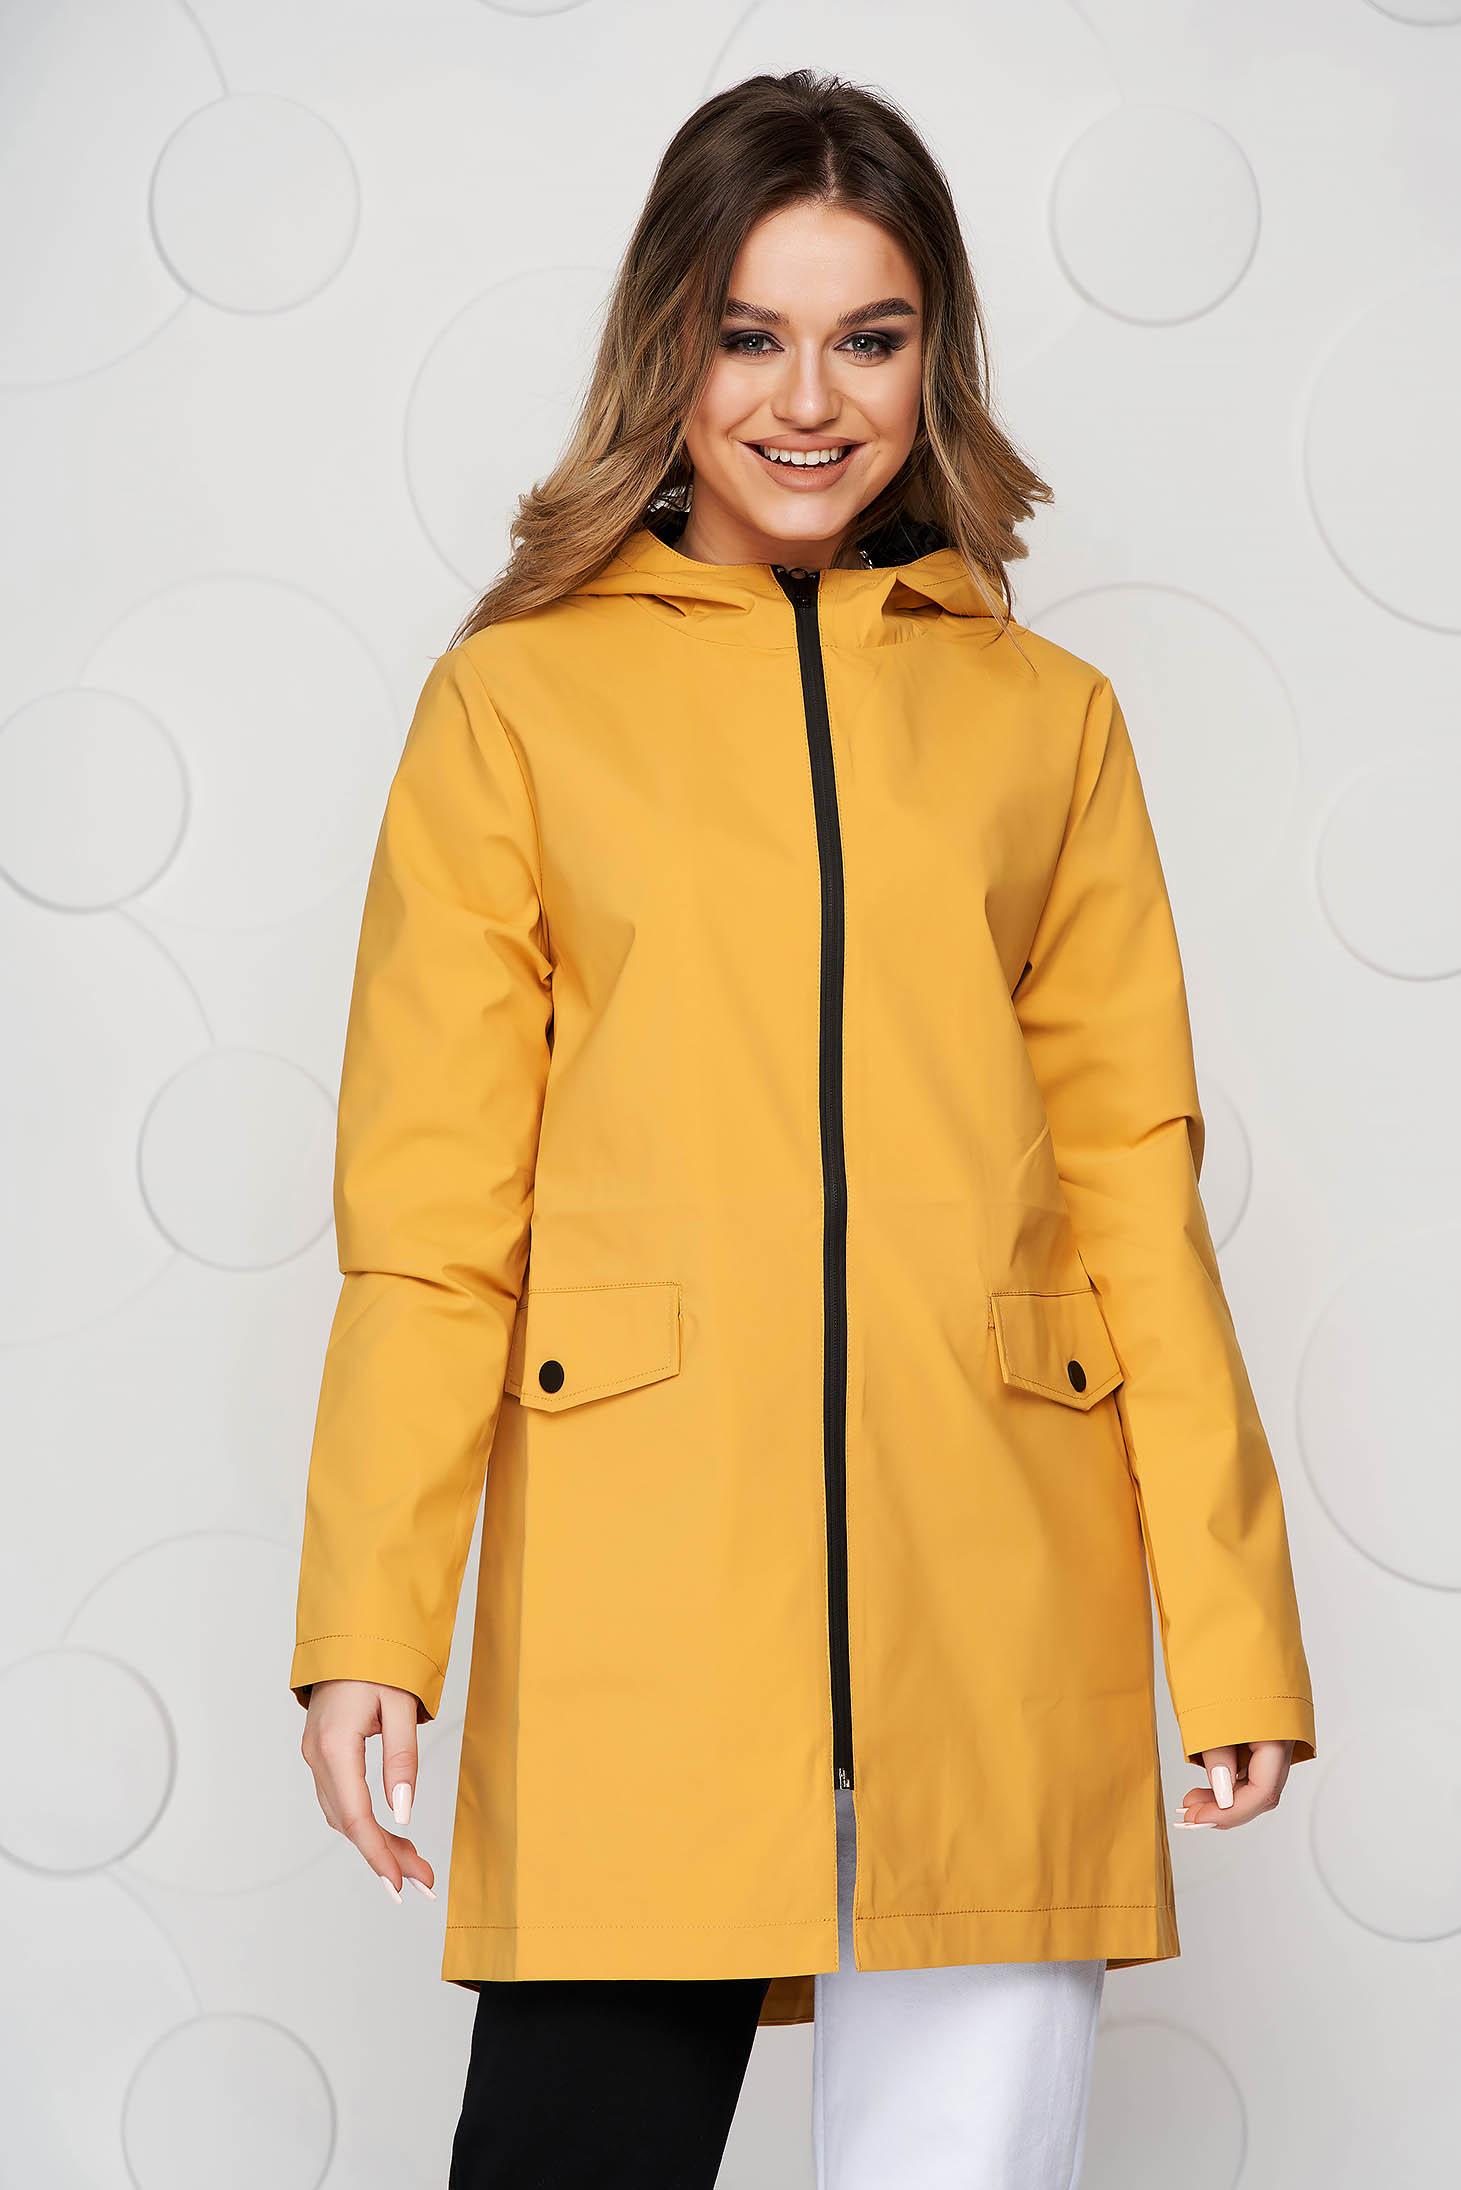 Jacheta de ploaie SunShine mustariu casual scurt captusit pe interior cu maneca lunga si buzunare